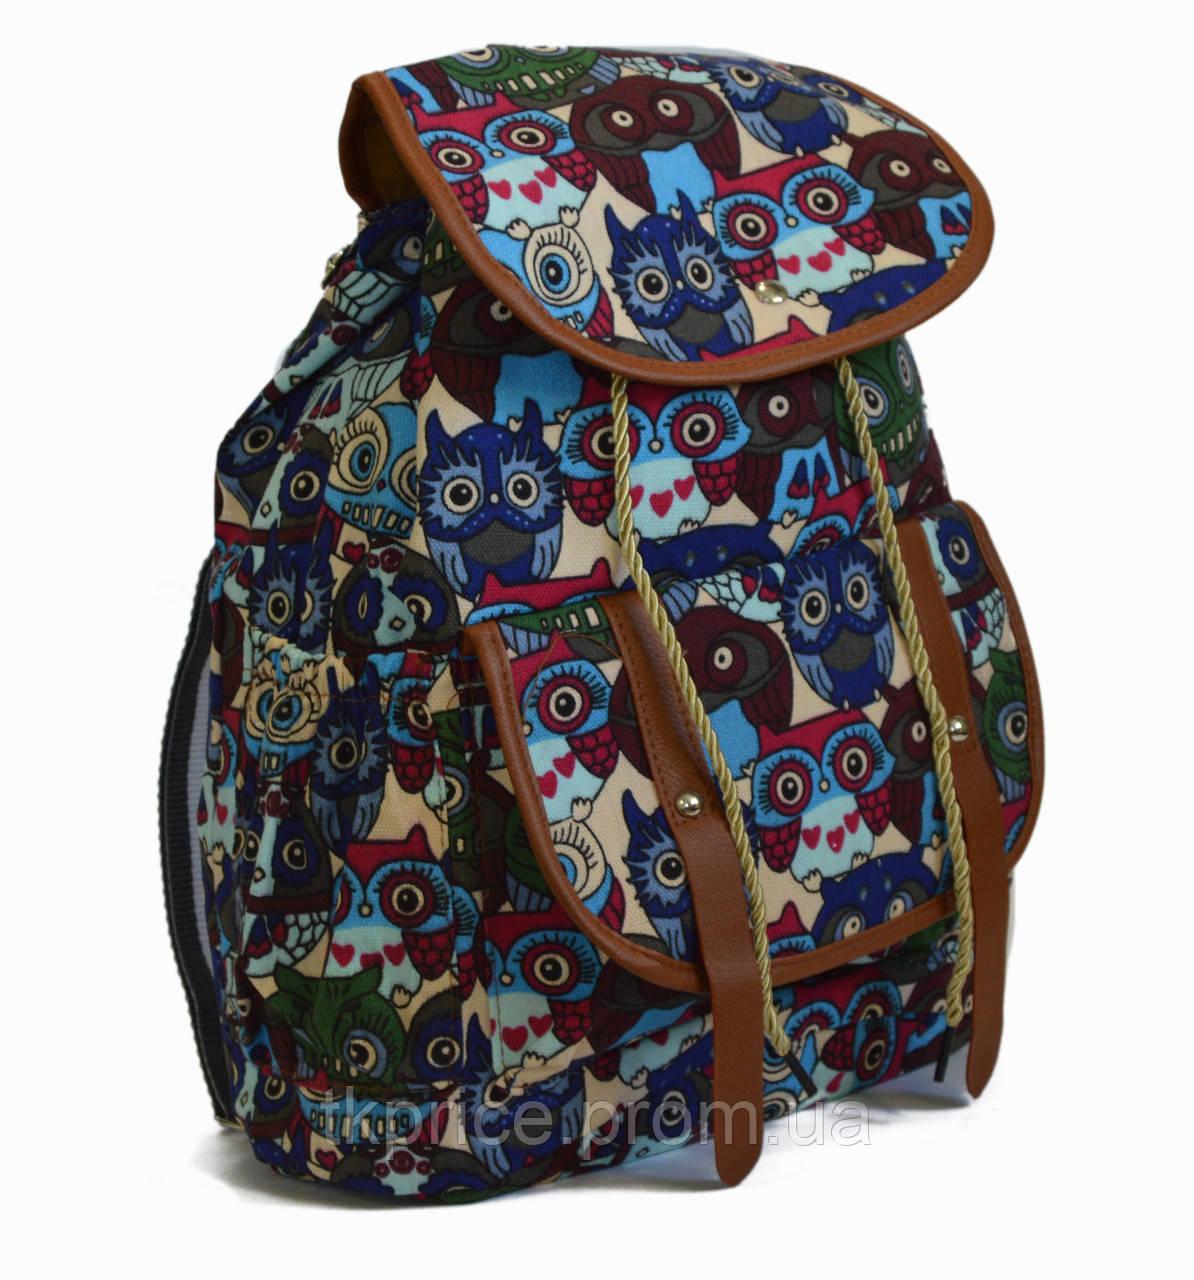 Рюкзак для прогулок хлопковый с совами